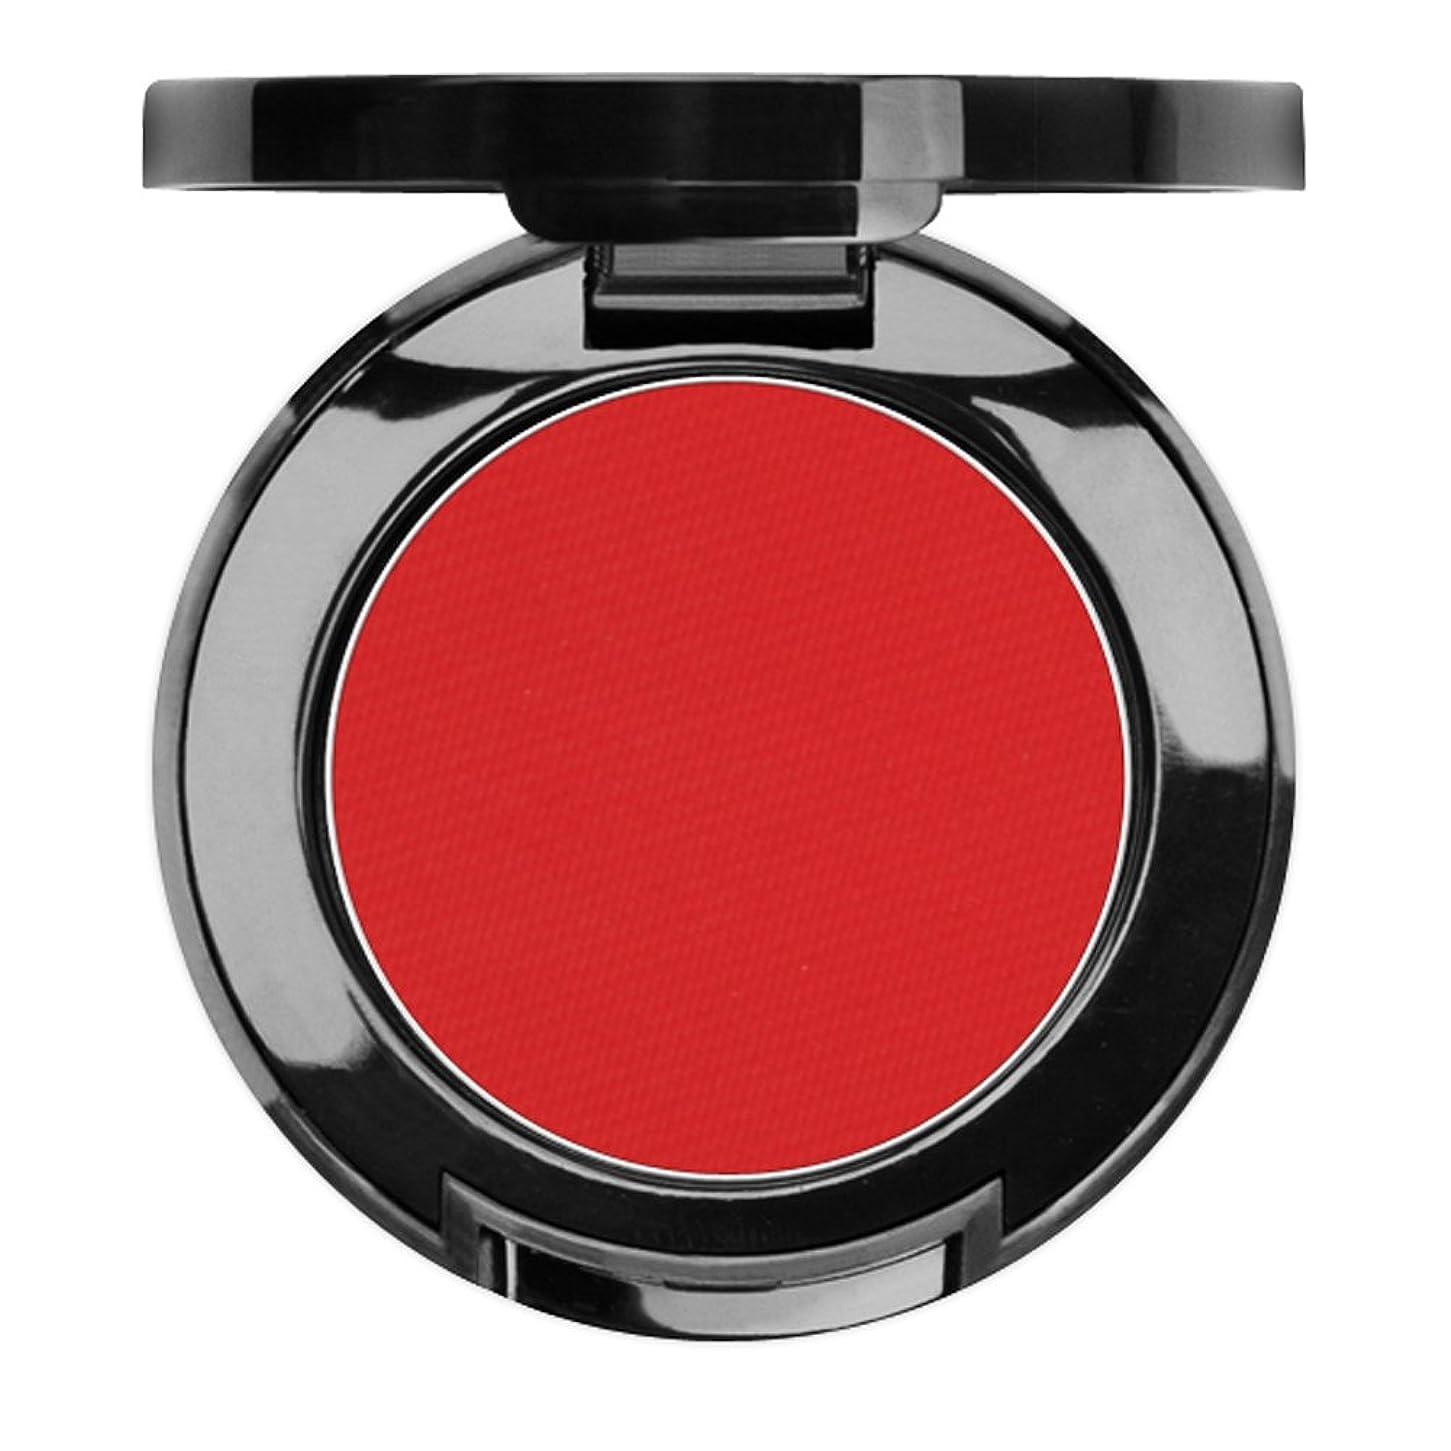 アダルト先入観低い(マステブ) MustaeV アイシャドウ ポッピンレッド EYE SHADOW #303 POPPIN RED アイメイク メイクアップ アイメイクアップ [並行輸入品]